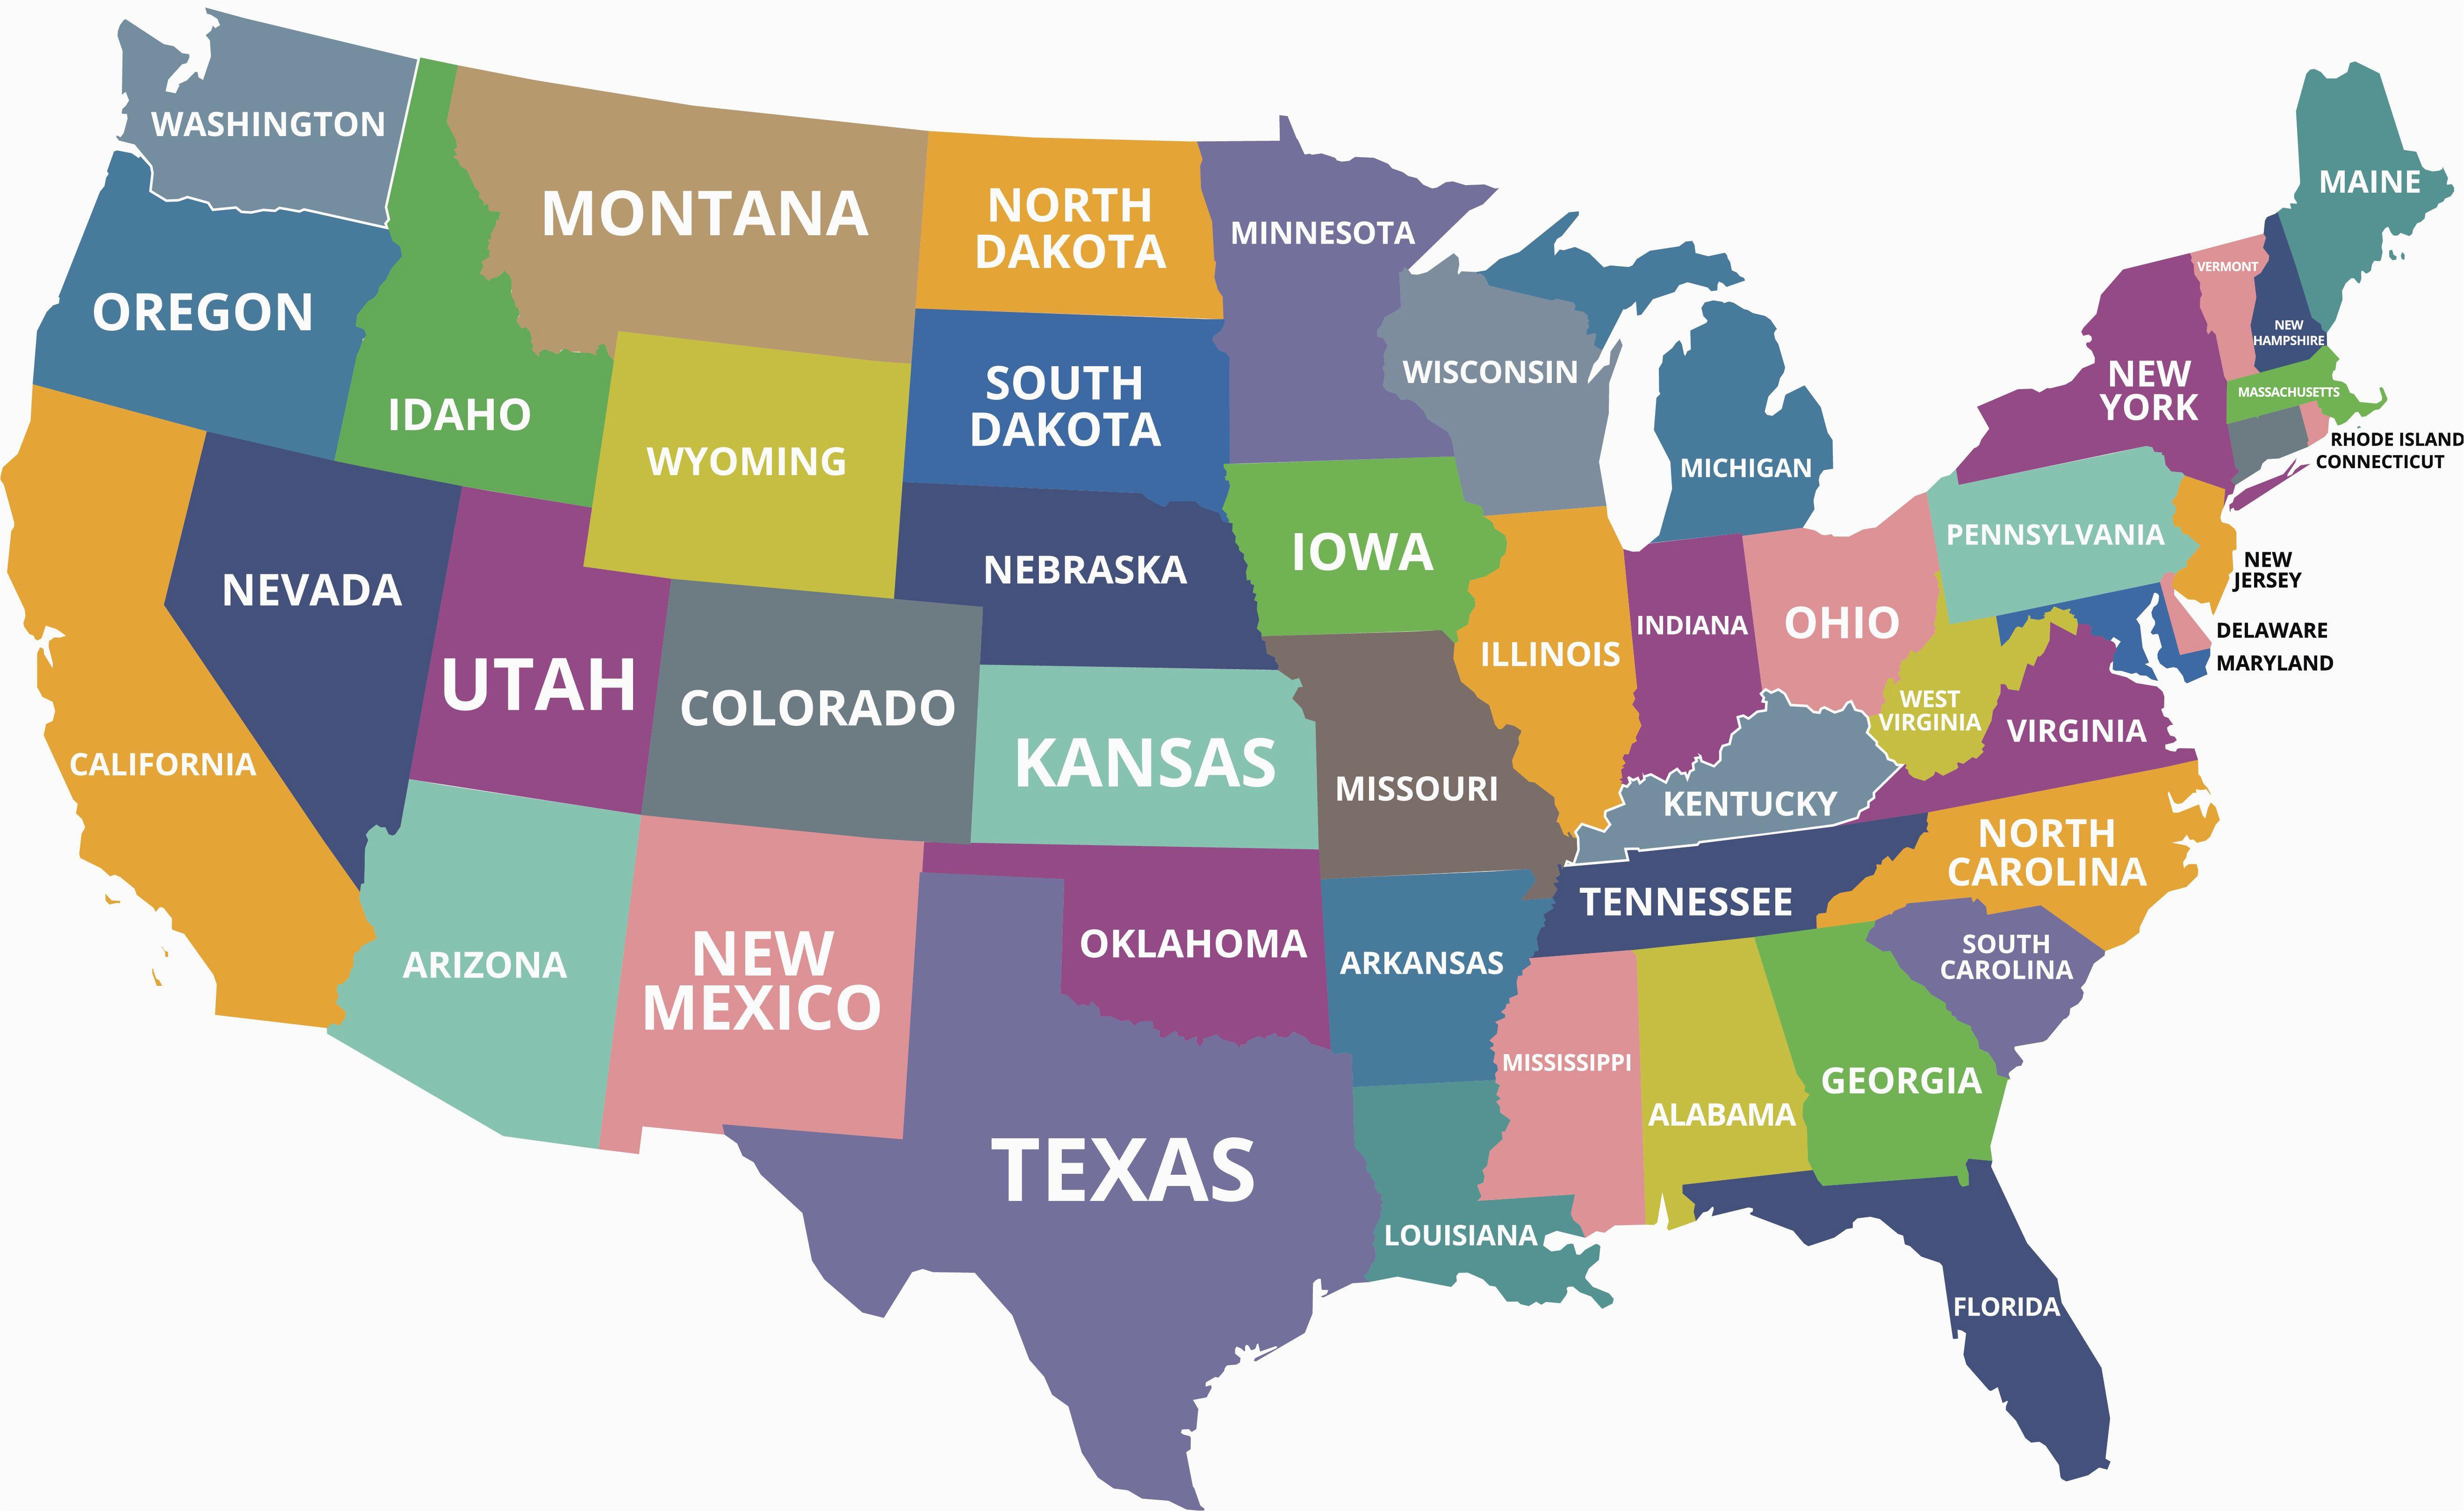 population density map california fresh datasets od mekong datahub